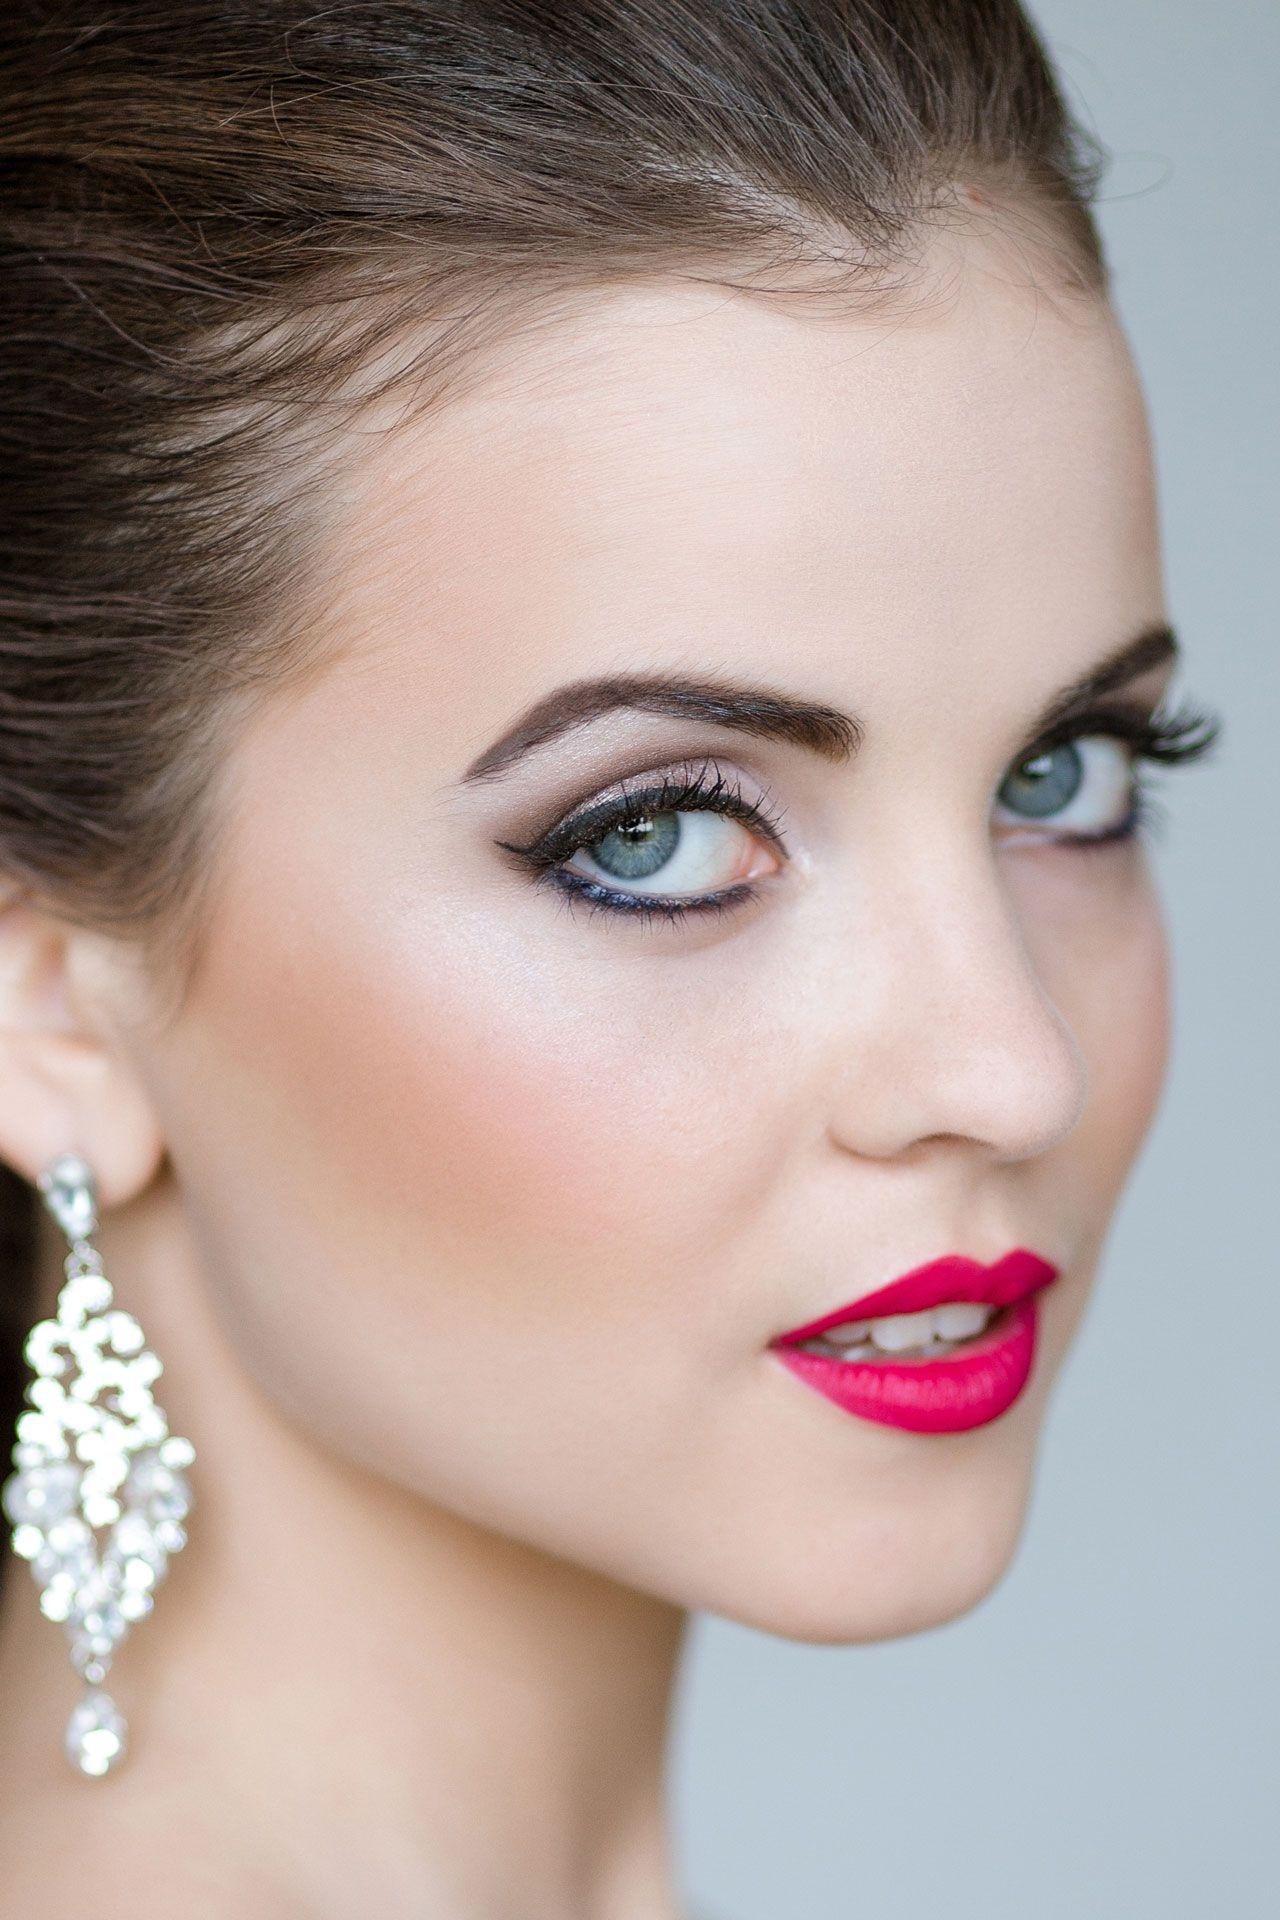 макияж невесте на свадьбу, акцент на губы